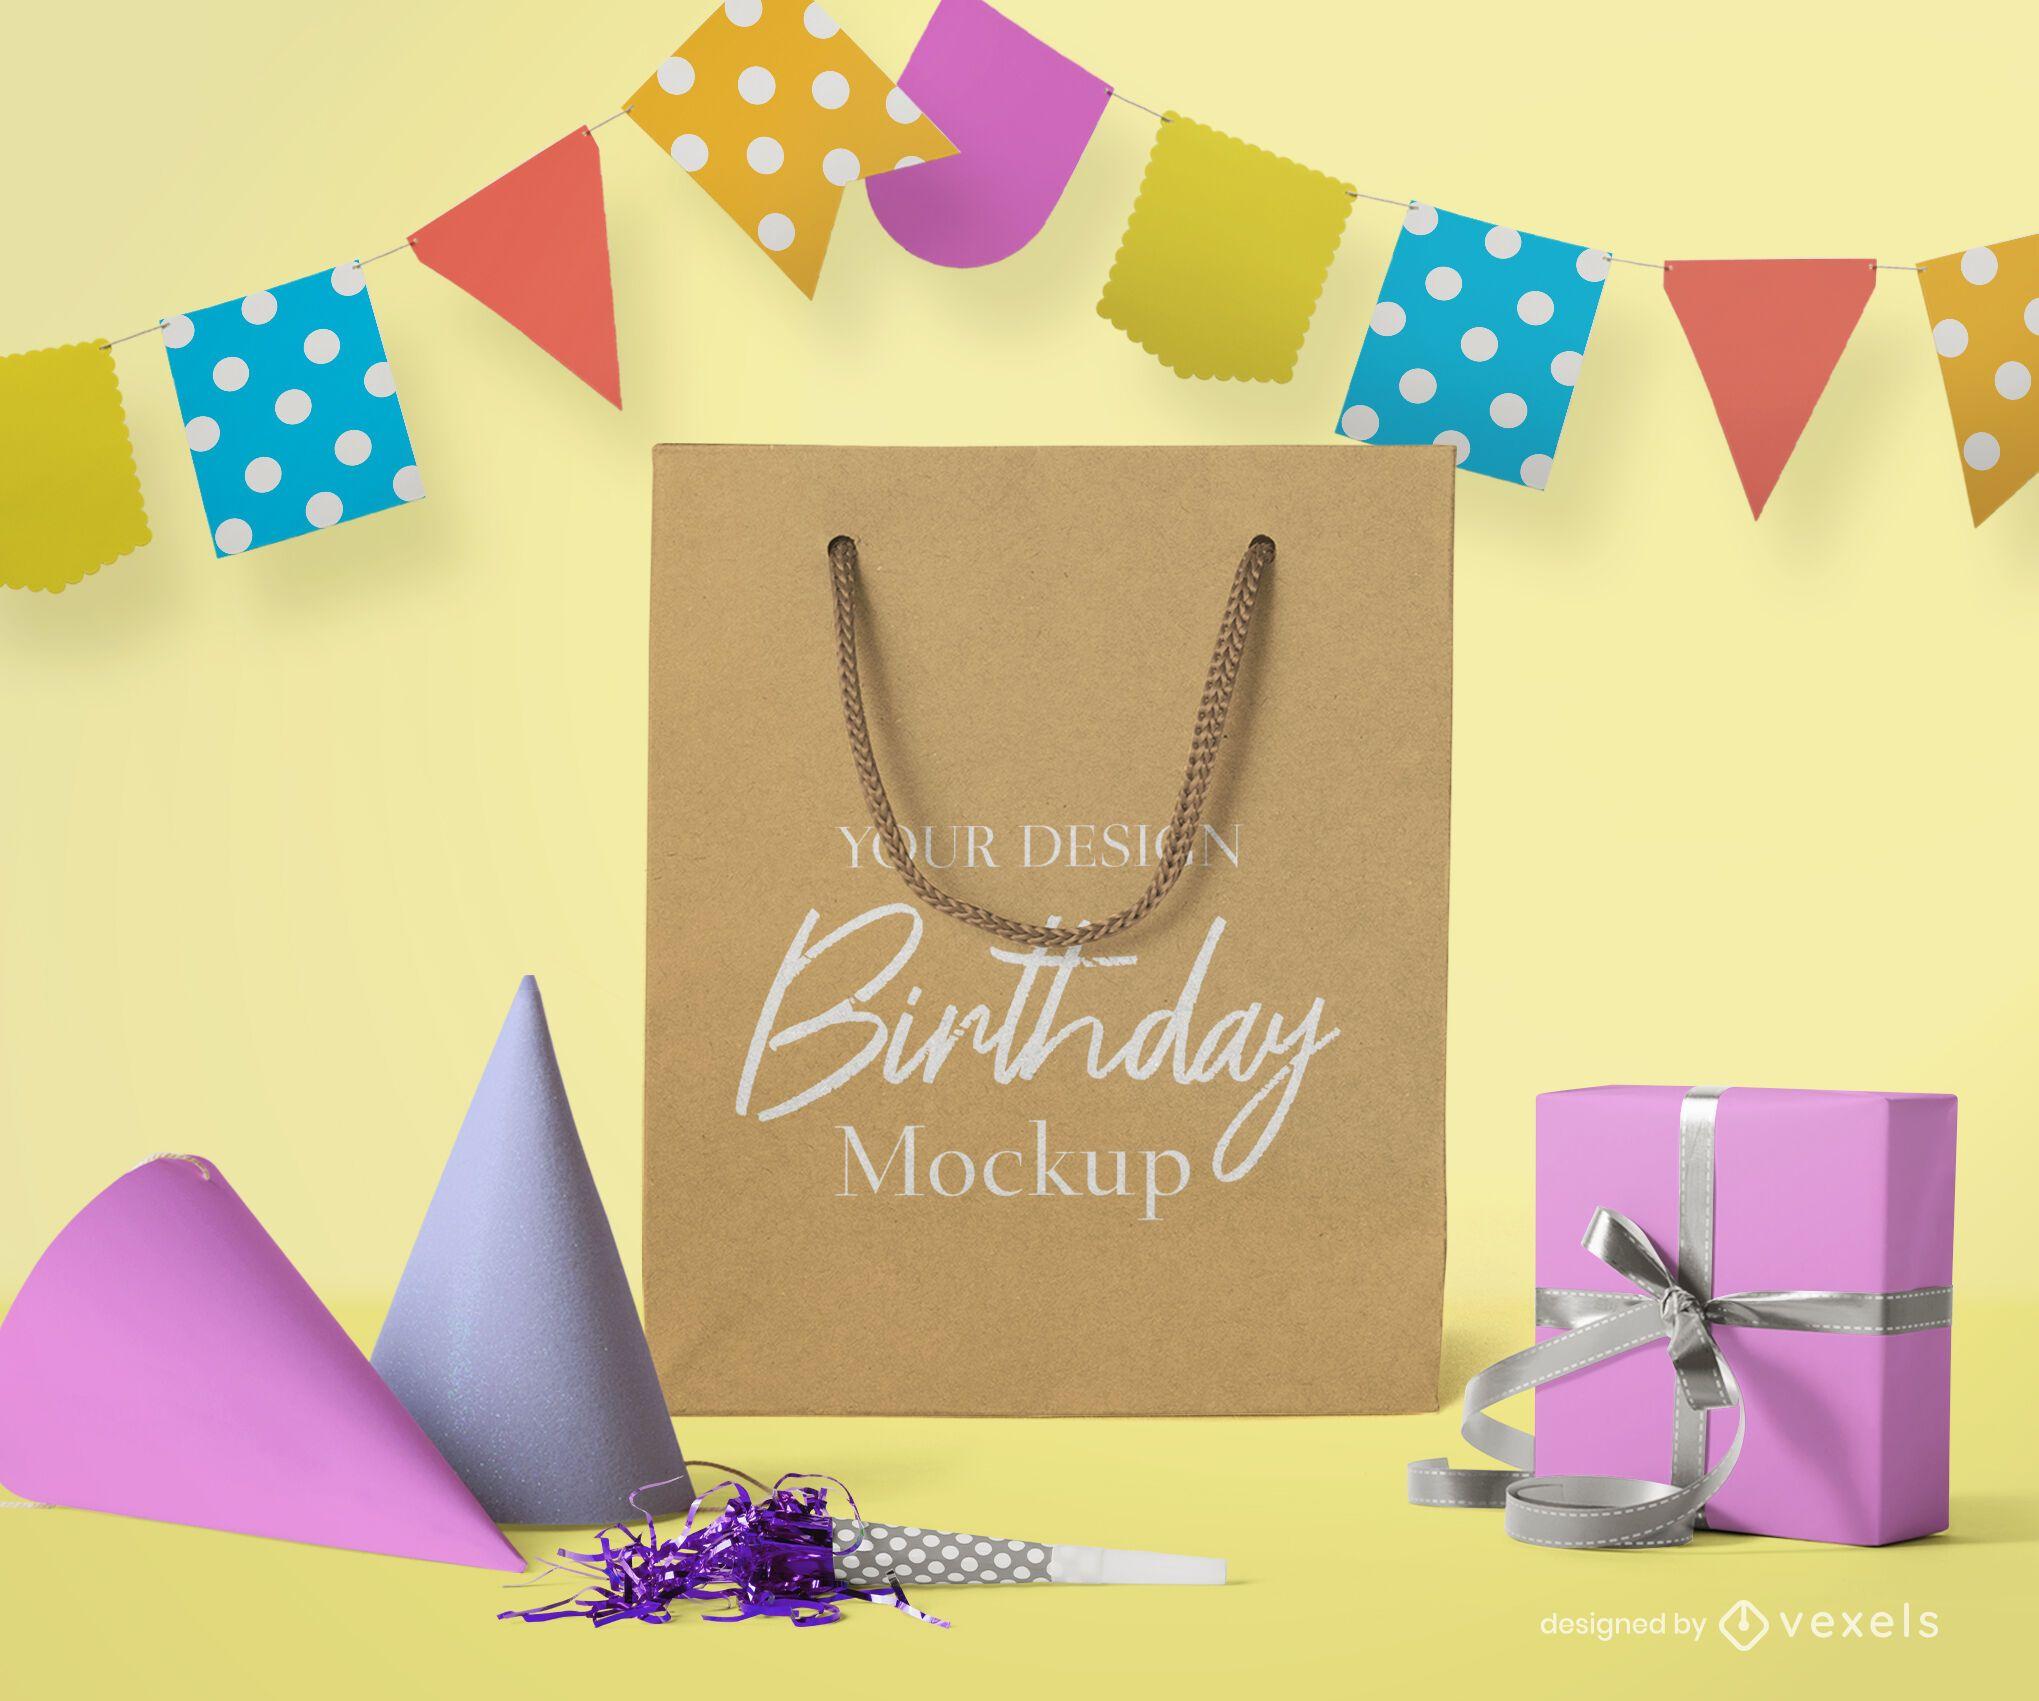 Composición de maqueta de celebración de bolsa de papel